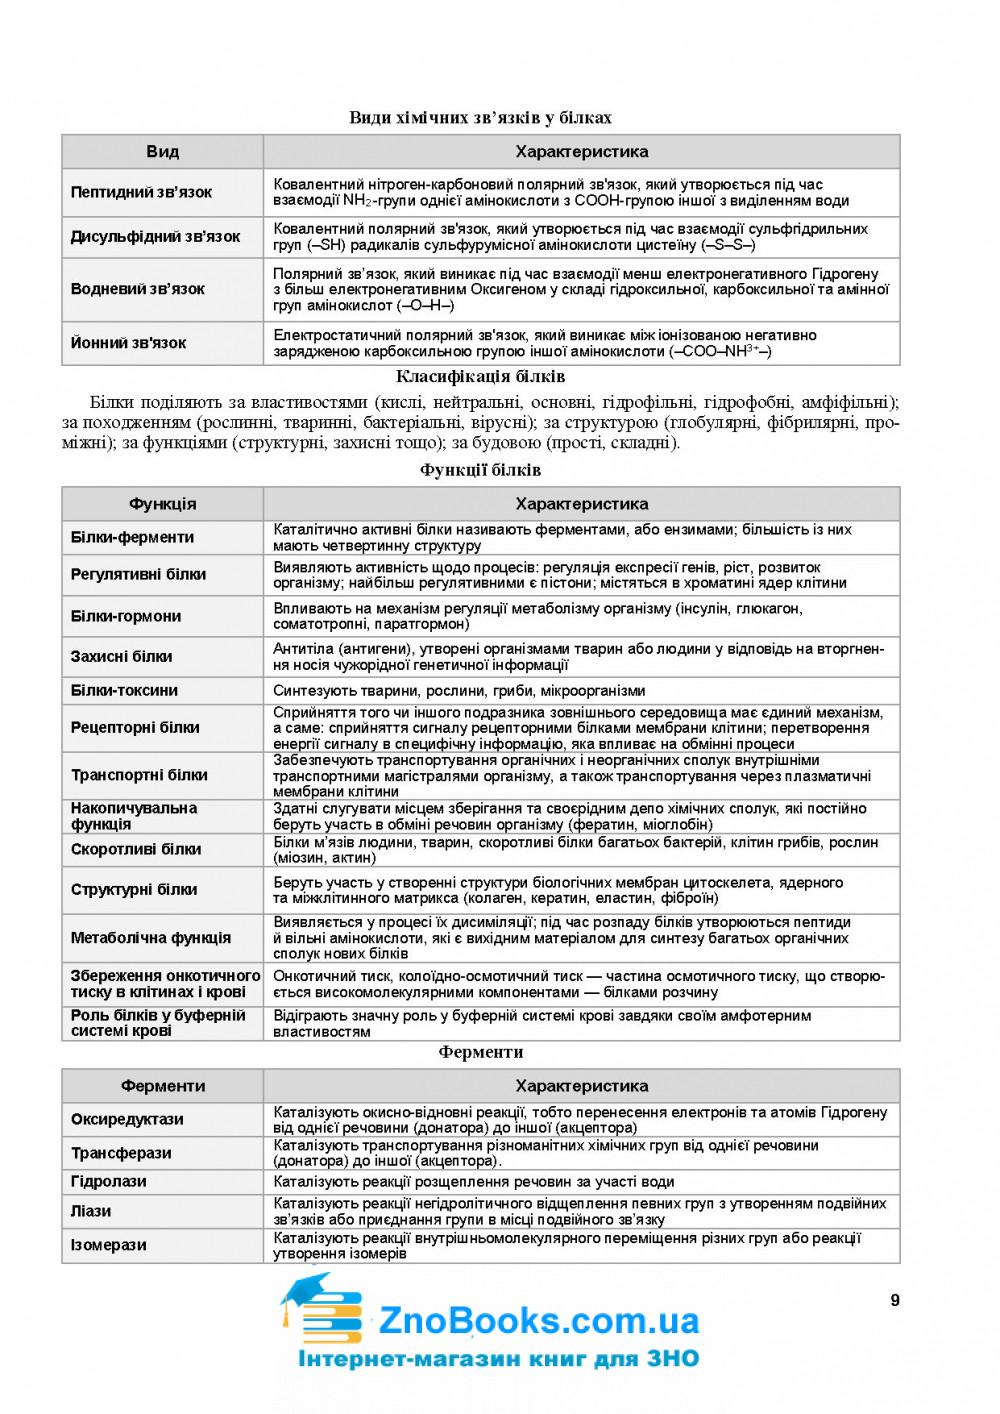 Біологія в таблицях і схемах до ЗНО 2021 : Барна І. Підручники і посібники 8